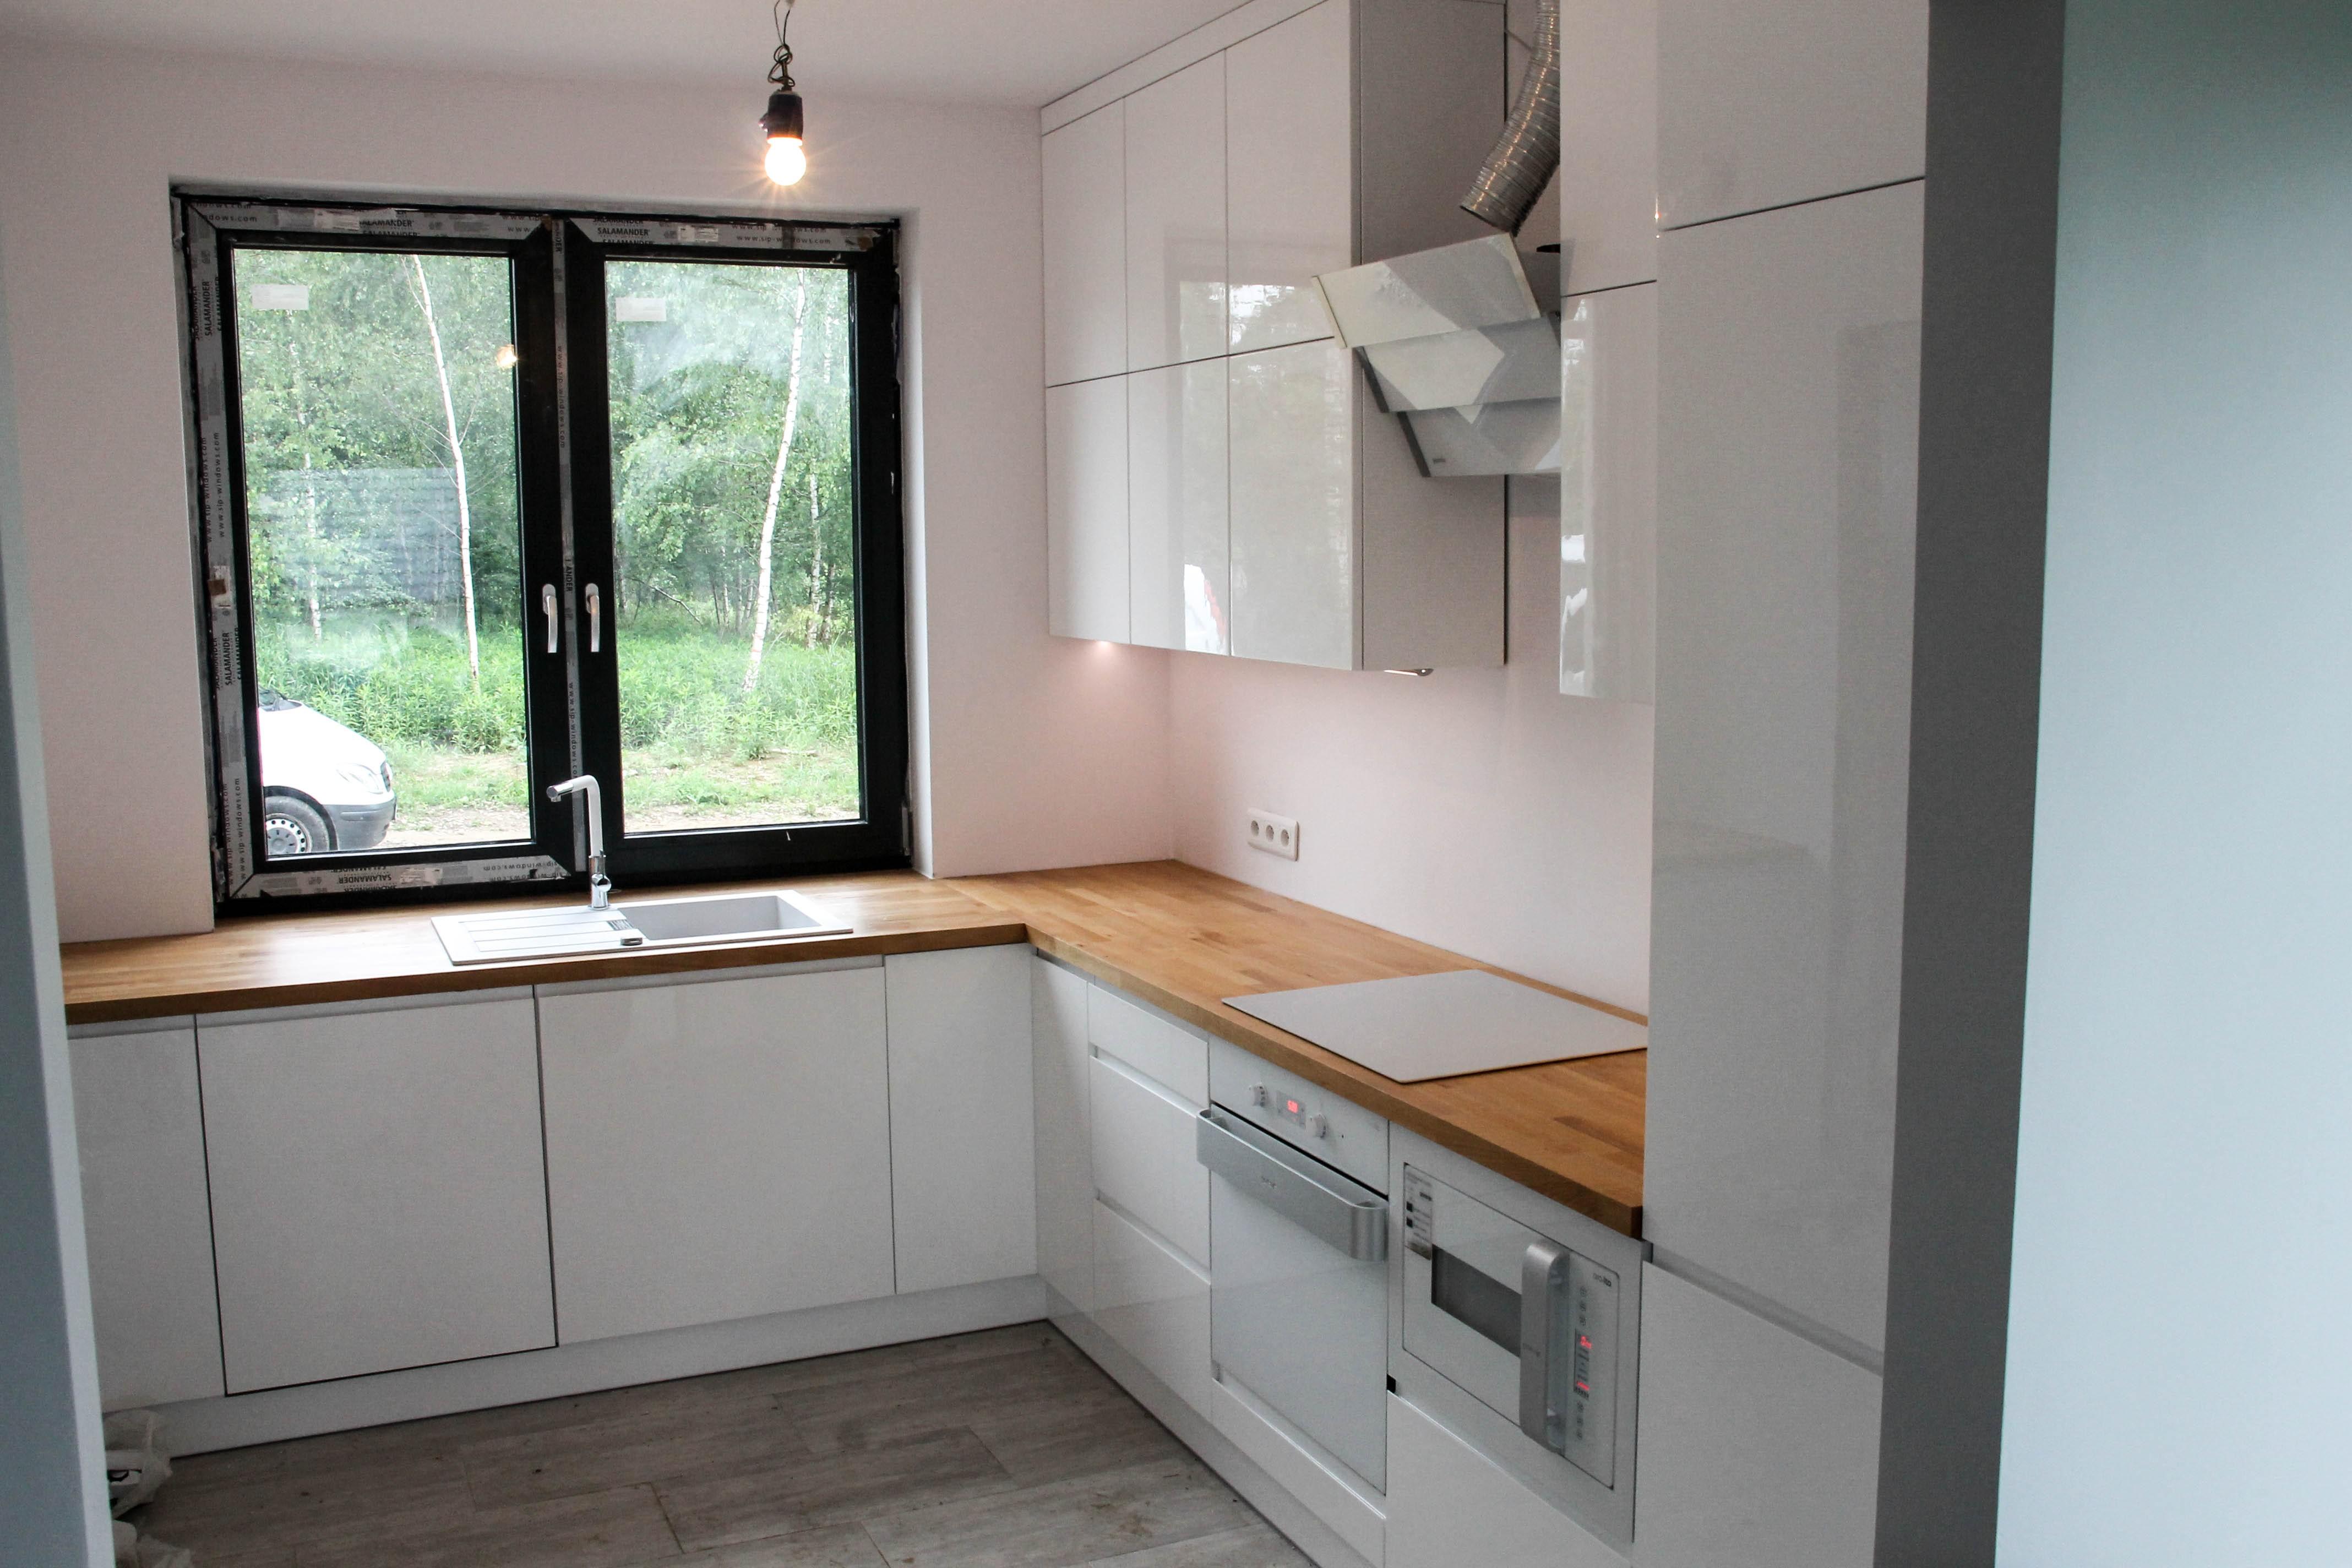 Meble łazienkowe i kuchenne, kuchnie na wymiar -> Kuchnia Drewniany Blat